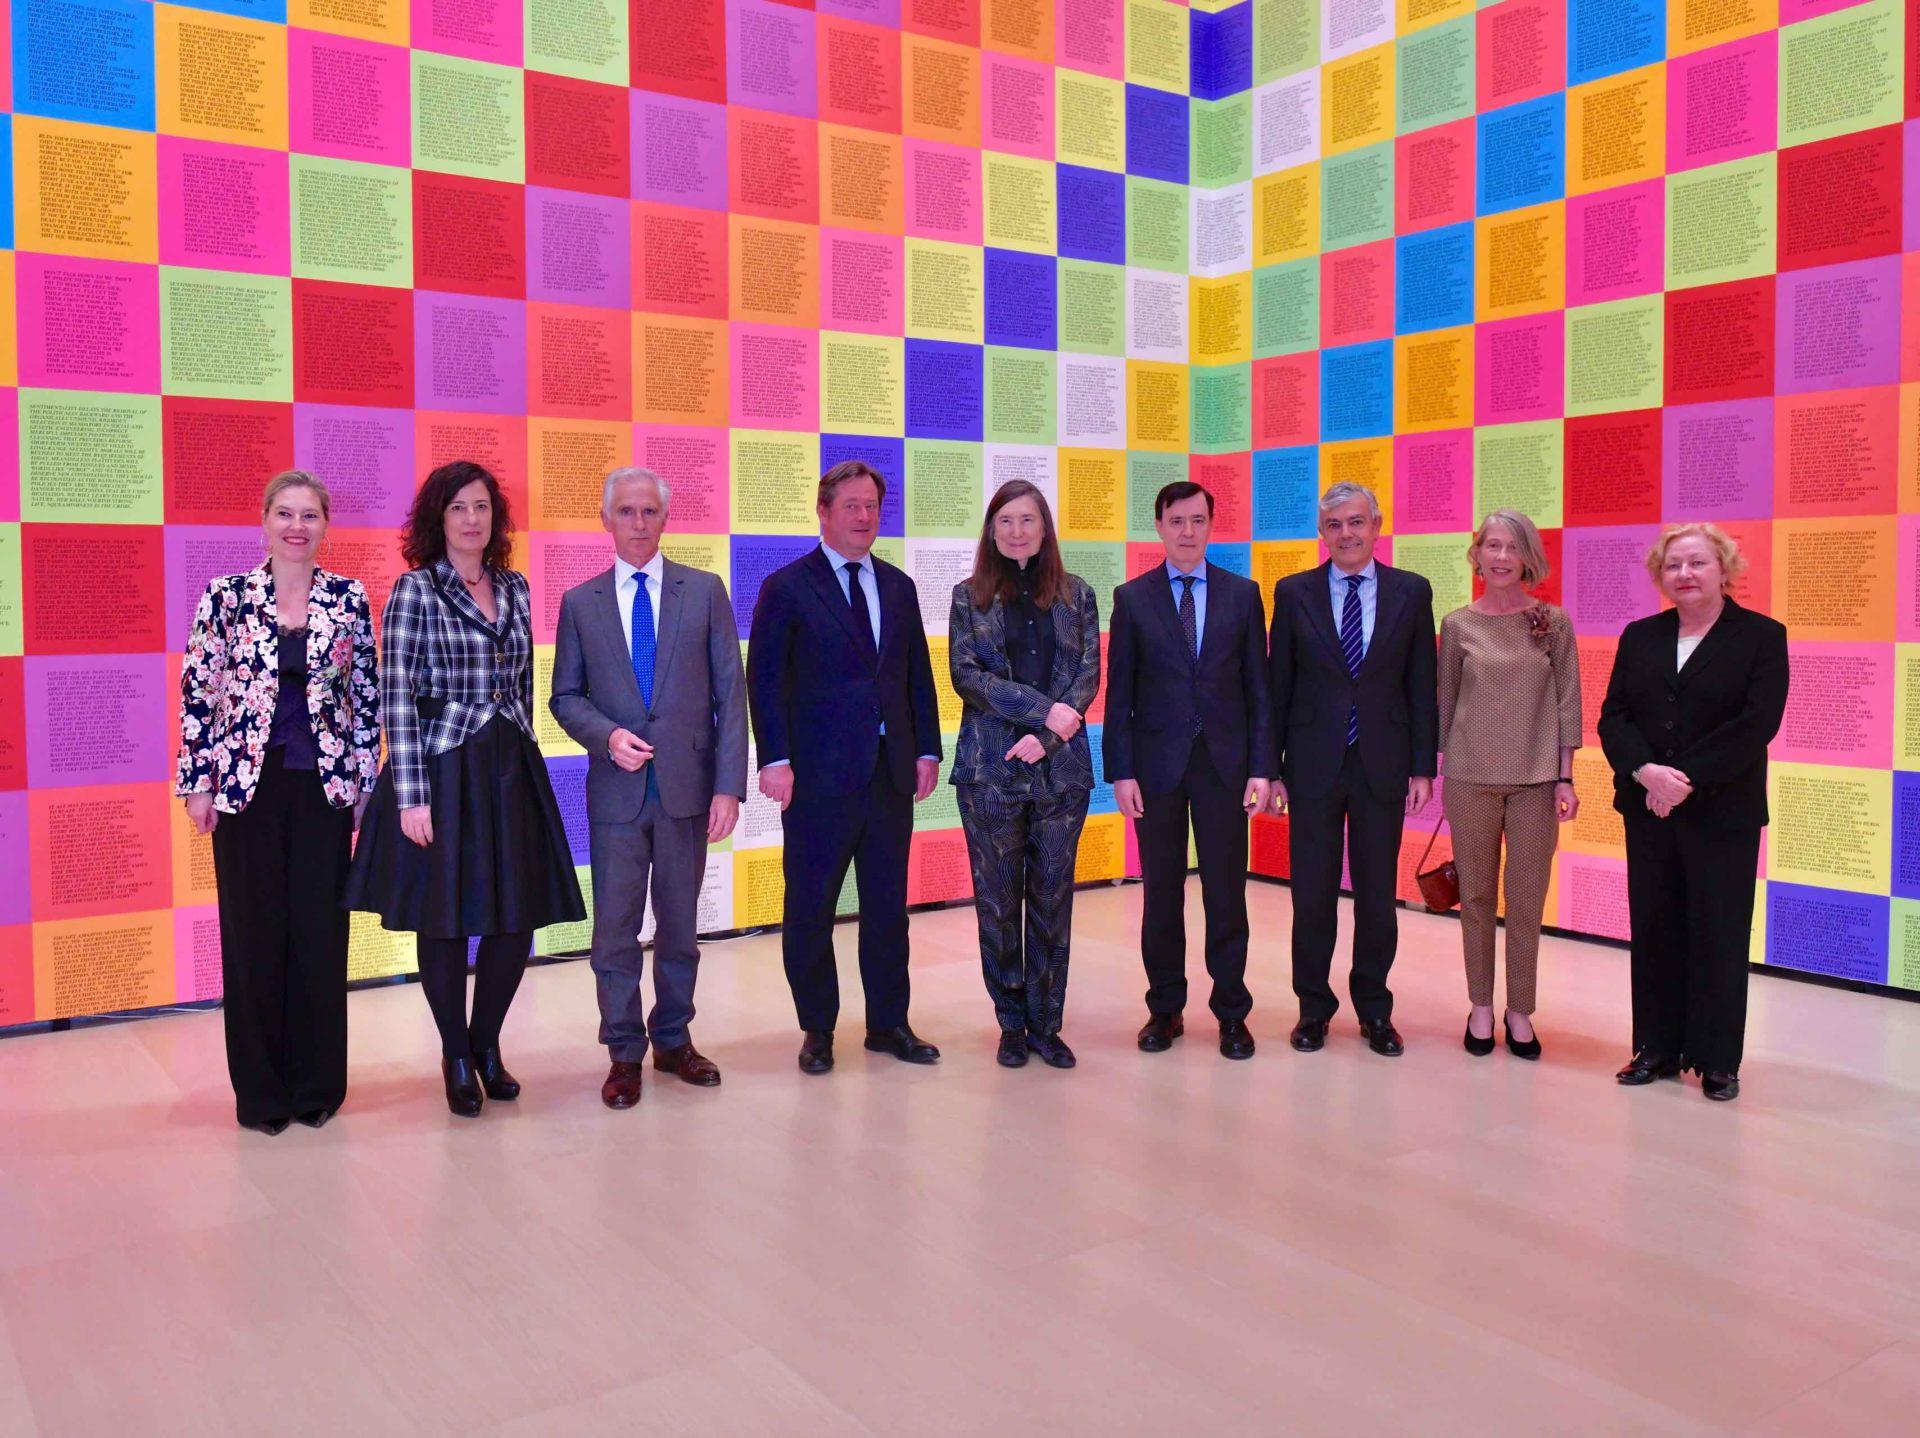 La Fundación BBVA inaugura exposición de Holzer en el Museo Guggenheim Bilbao